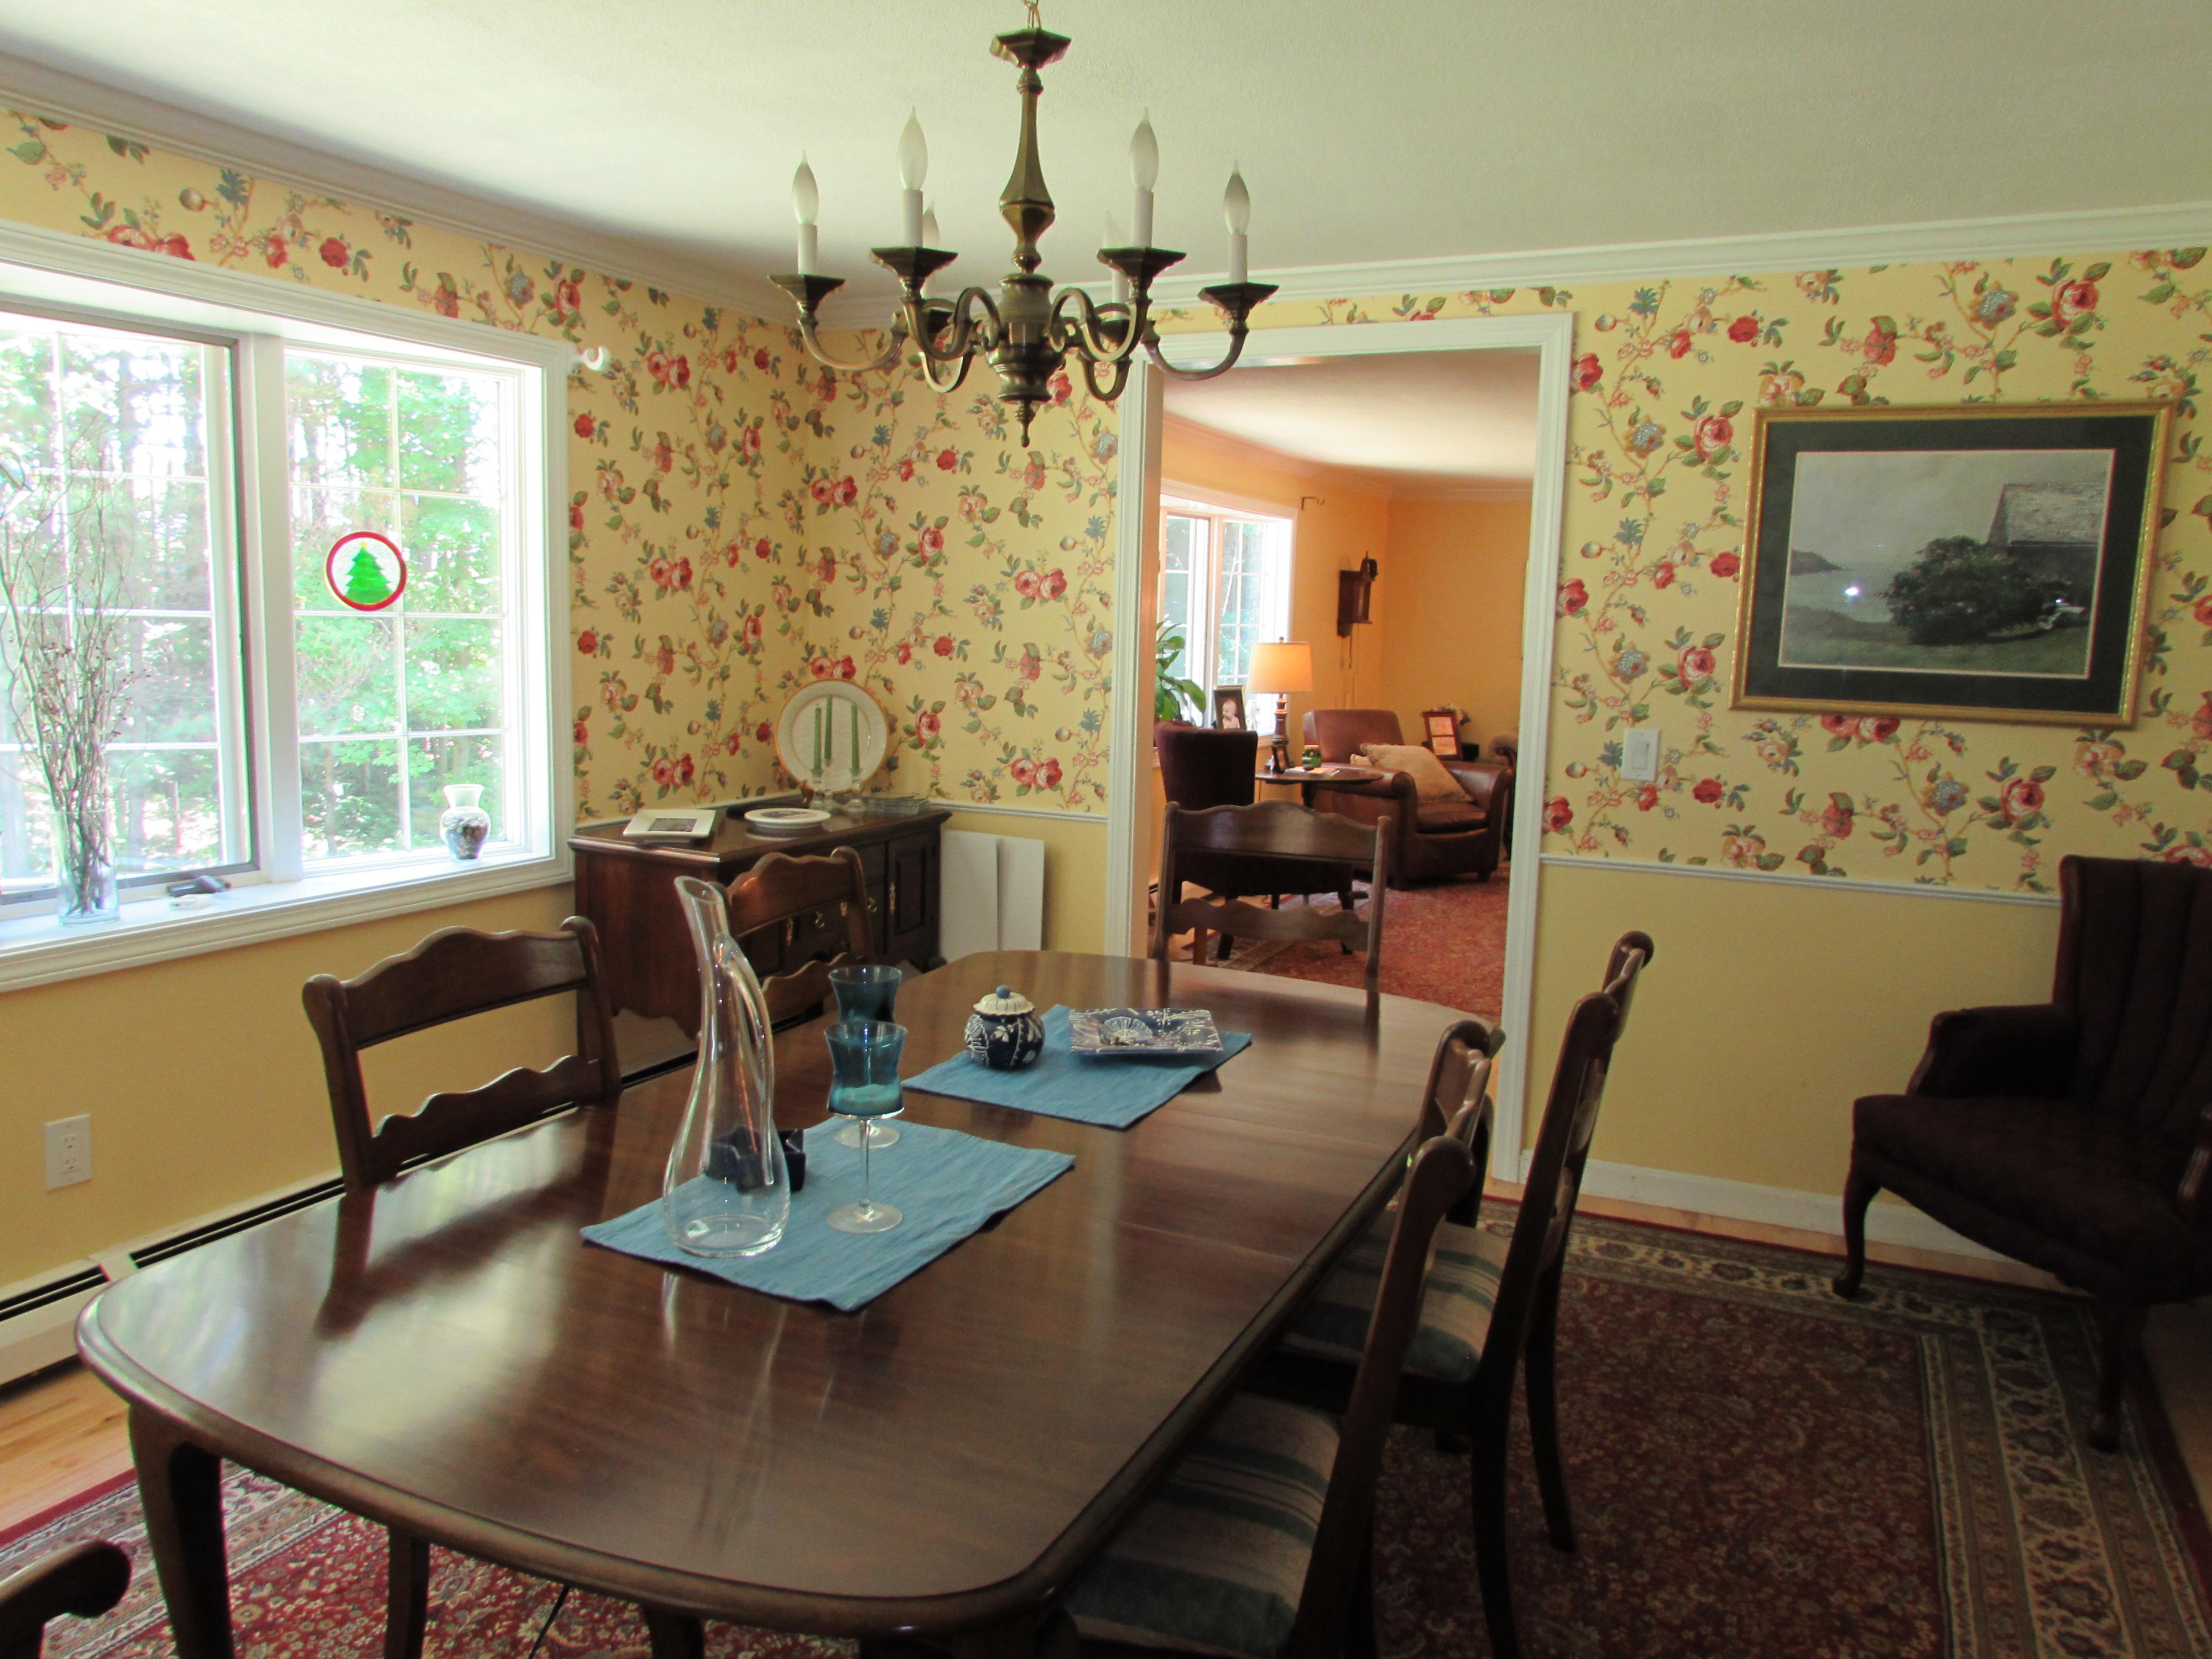 Частный односемейный дом для того Продажа на 7 Berrywood, Wolfeboro 7 Berrywood Dr Wolfeboro, Нью-Гэмпшир, 03894 Соединенные Штаты